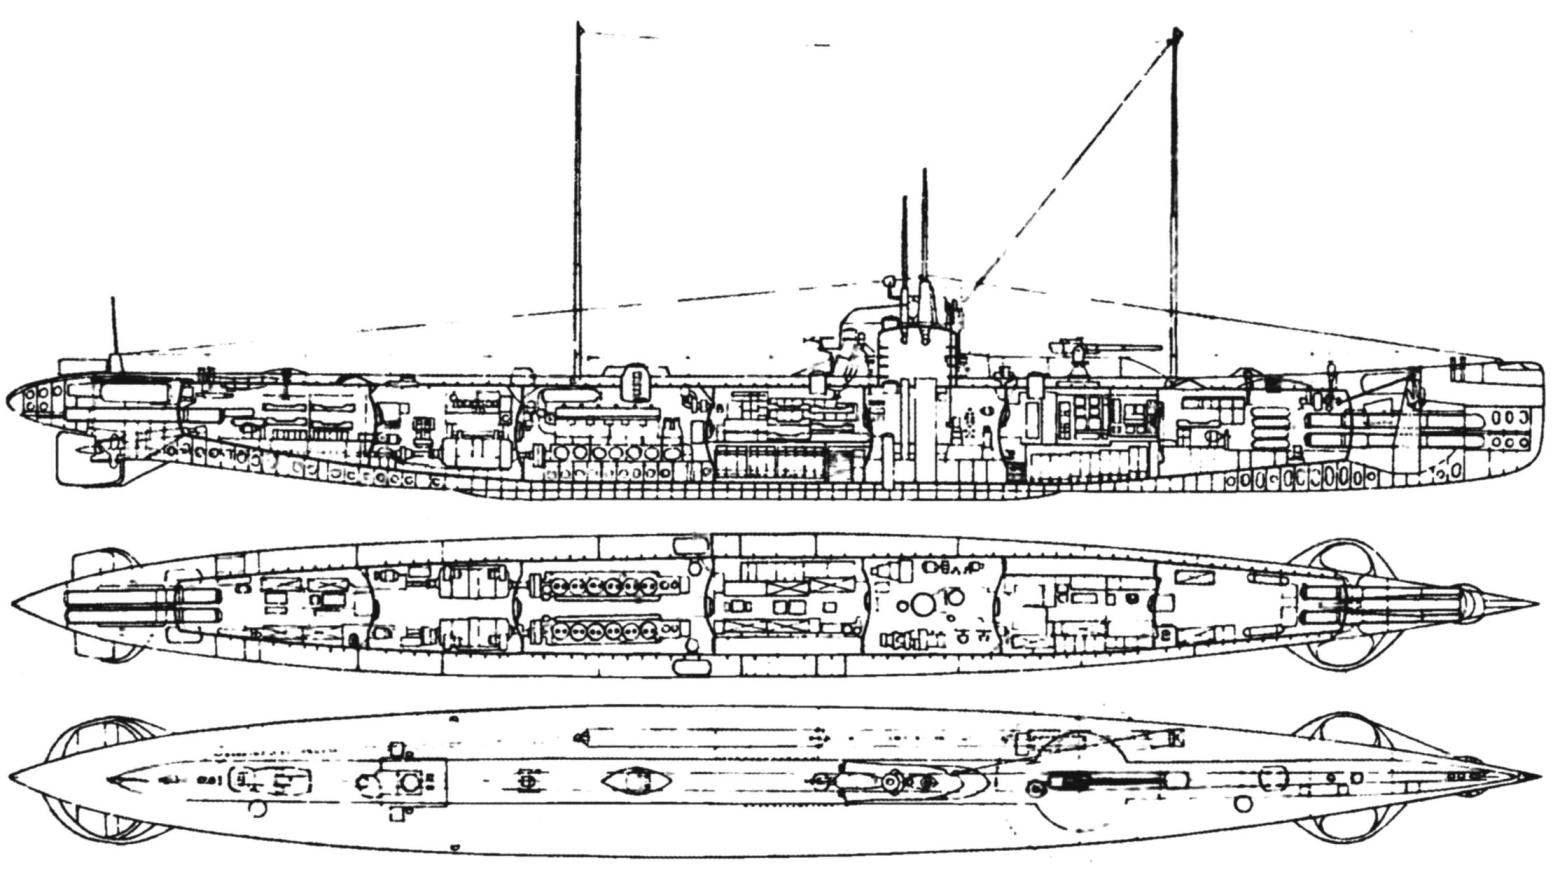 Подводная лодка «U-87» («Военный тип»), Германия, 1916 г.